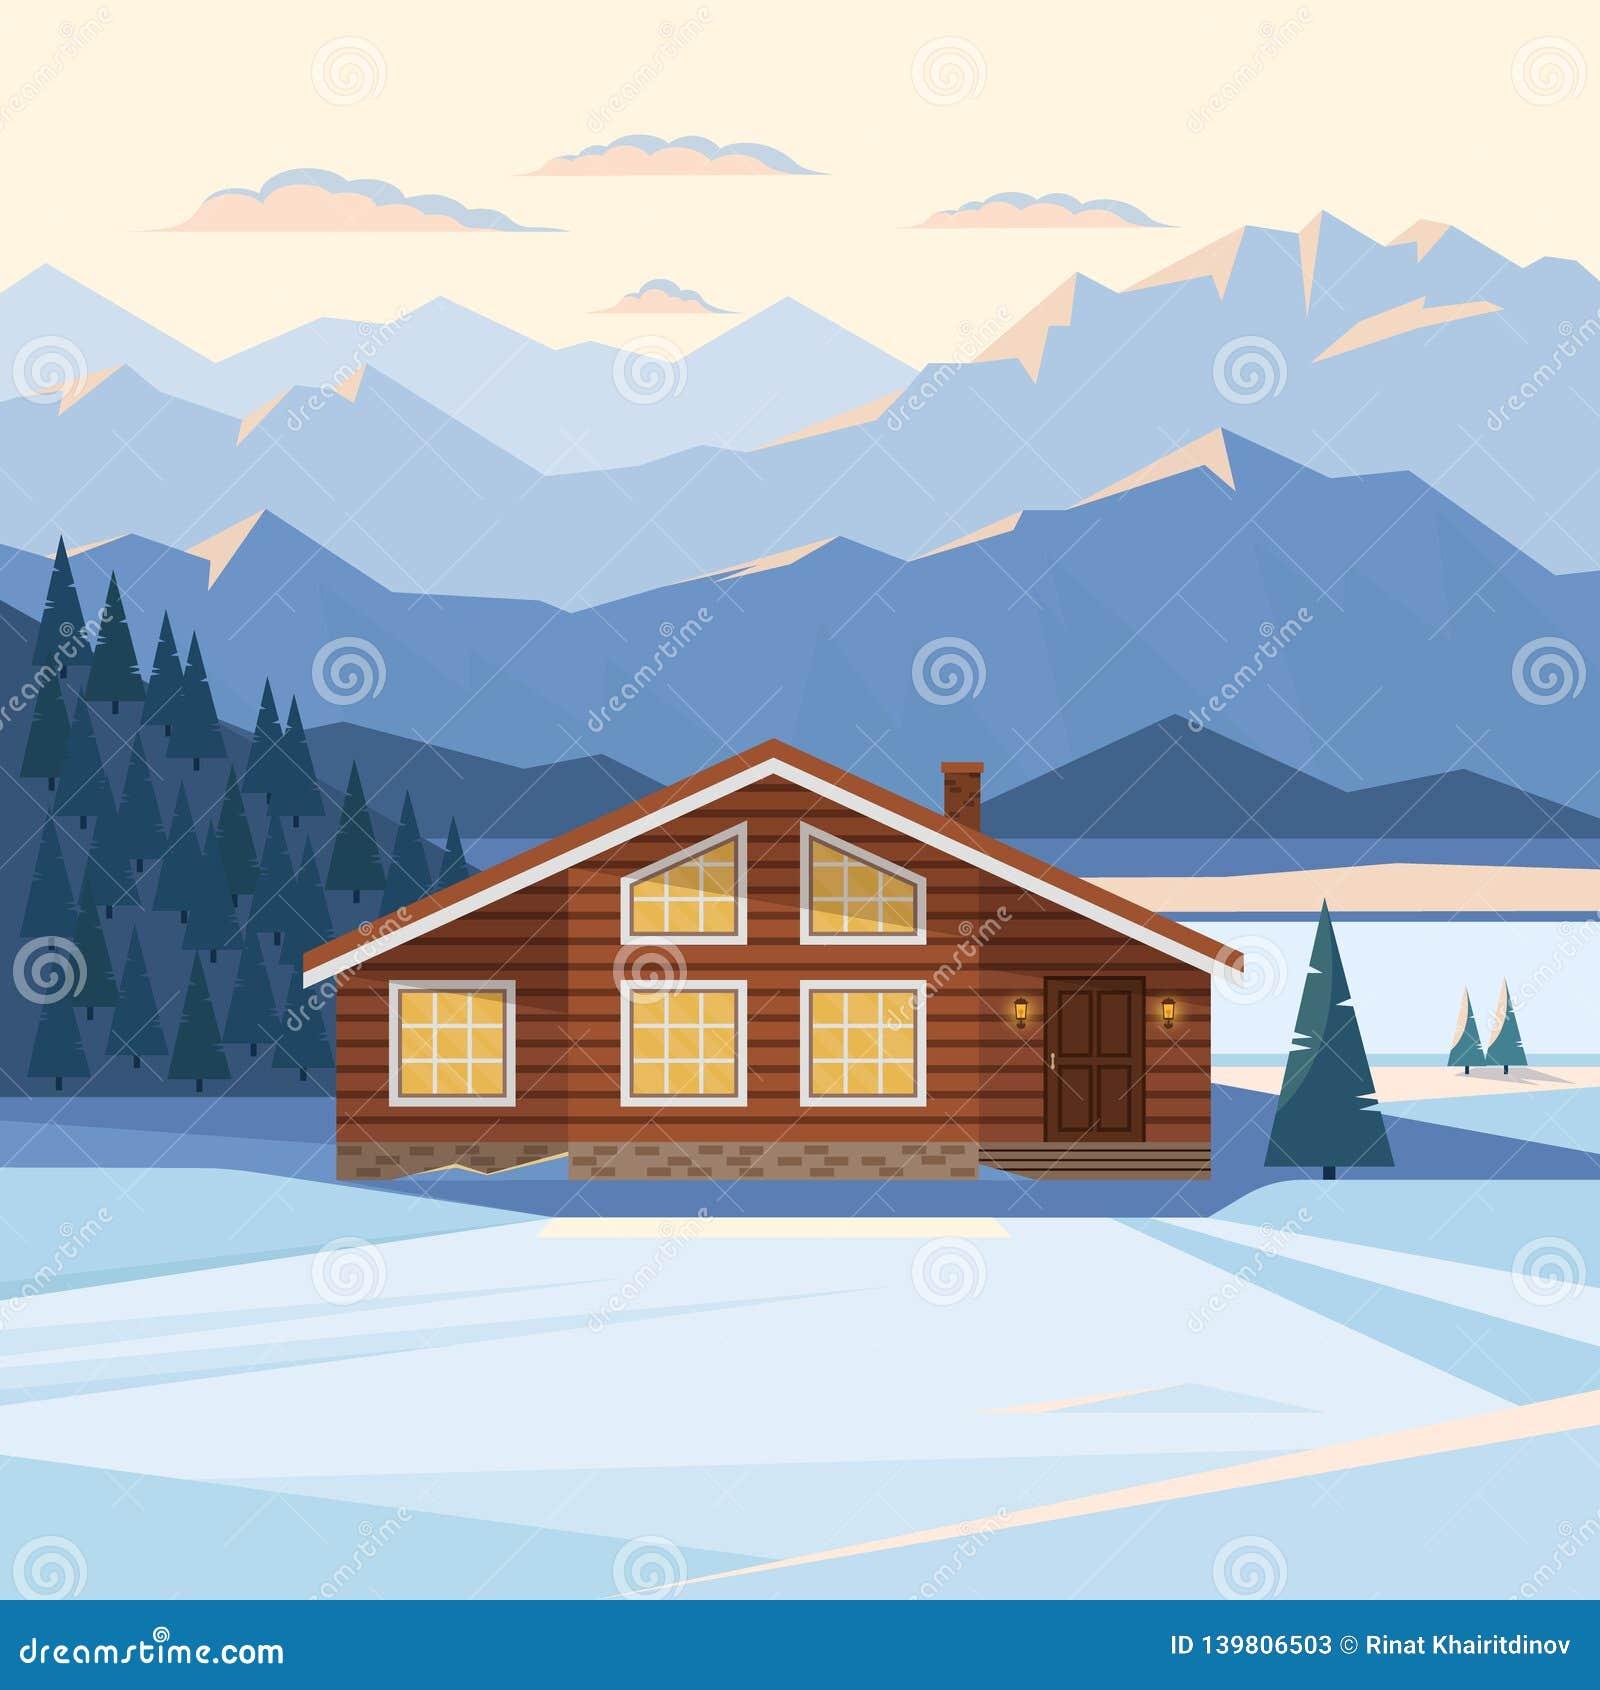 Winterberglandschaft mit Holzhaus, Chalet, Schnee, belichtete Bergspitzen, Hügel, Wald, Fluss, Tannenbäume